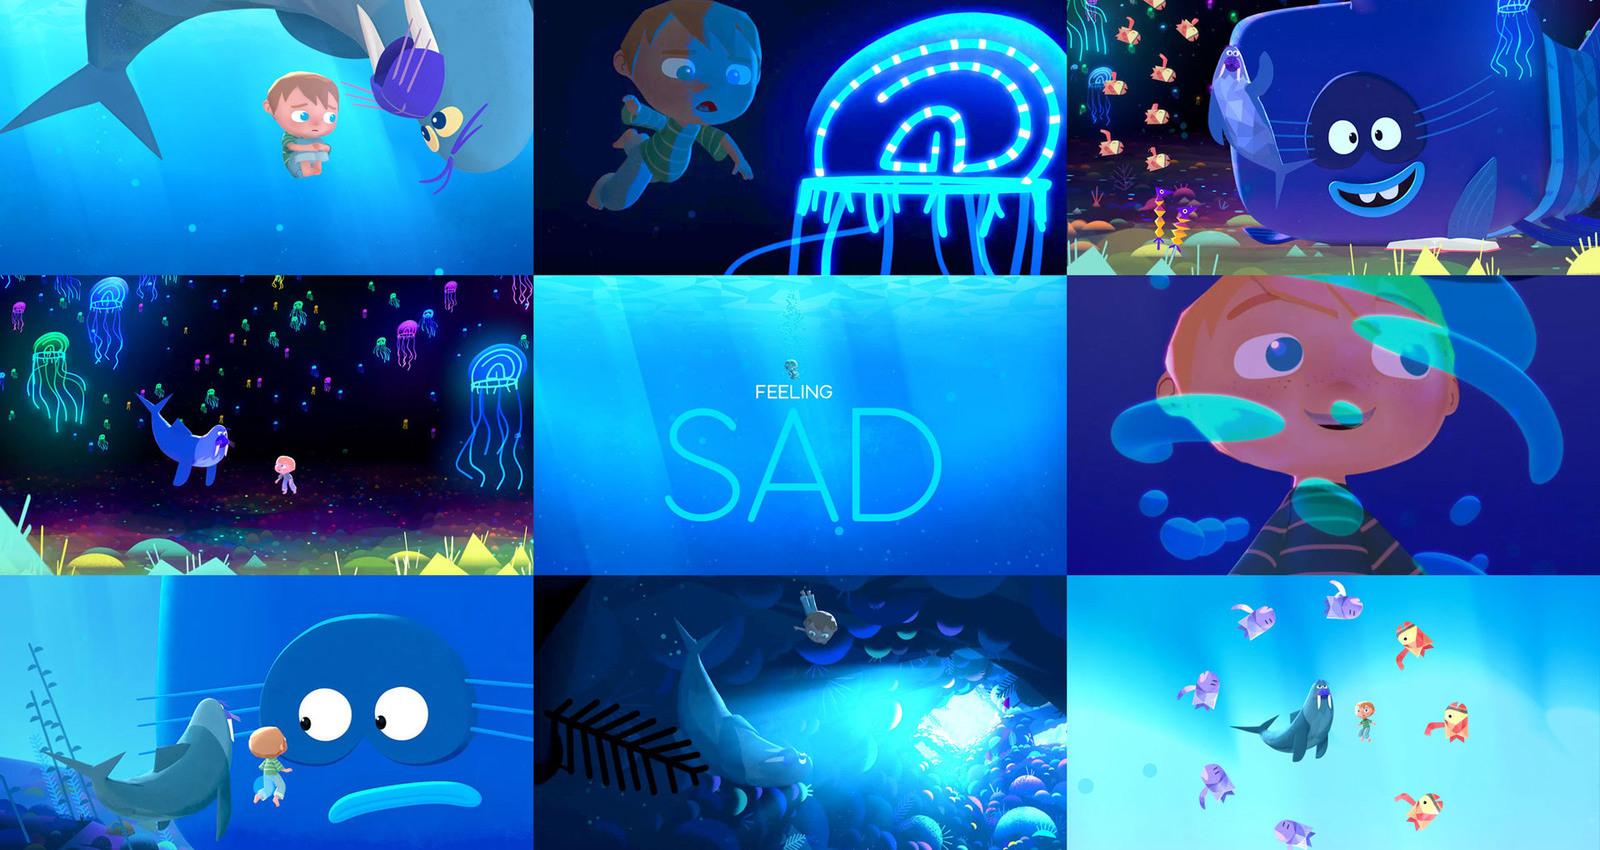 Imaginary Friends Society - Feeling Sad